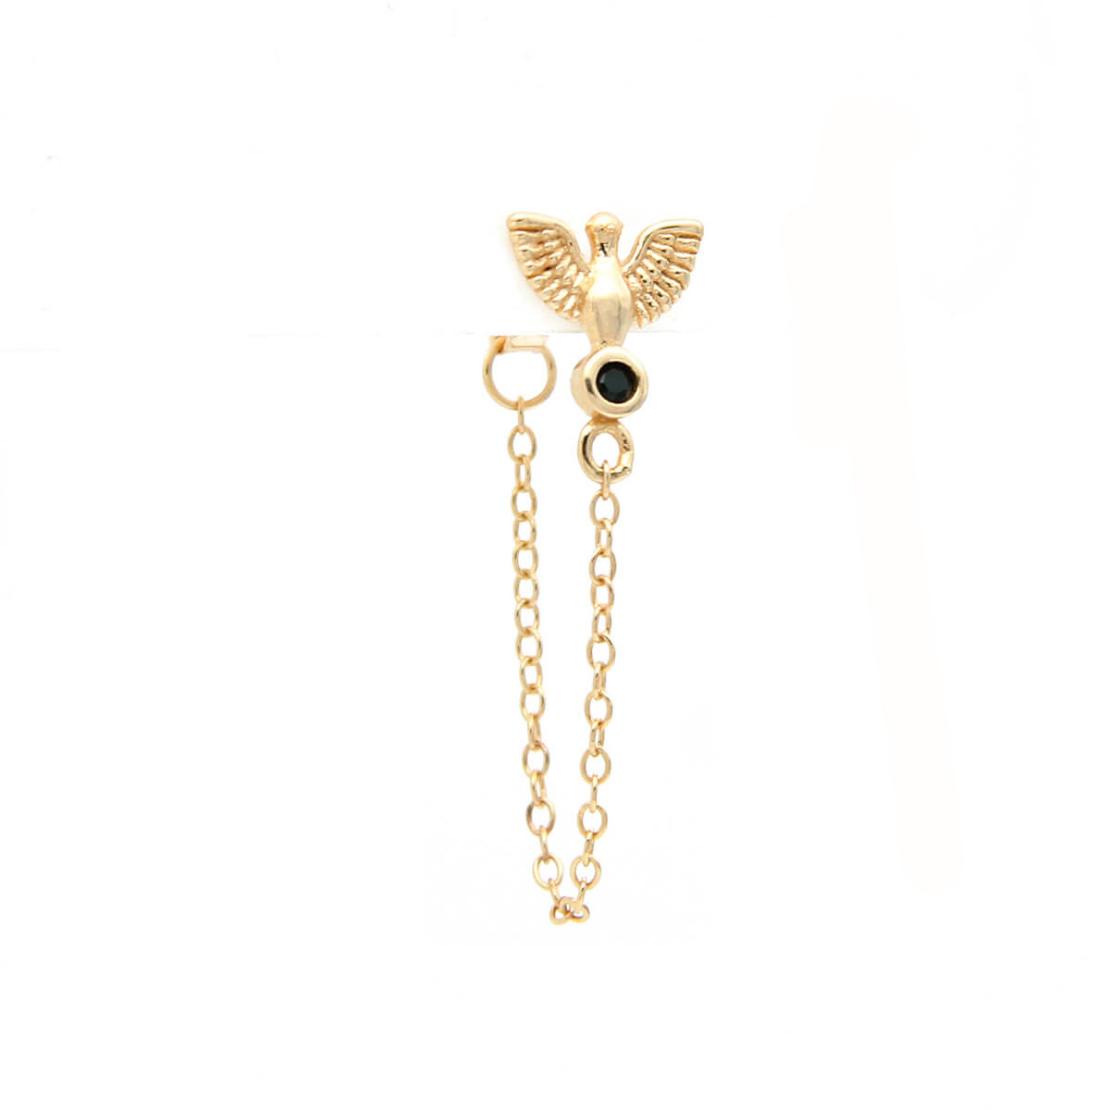 סט עגילים - CECILE - כסף 925 בציפוי זהב מיקרוני